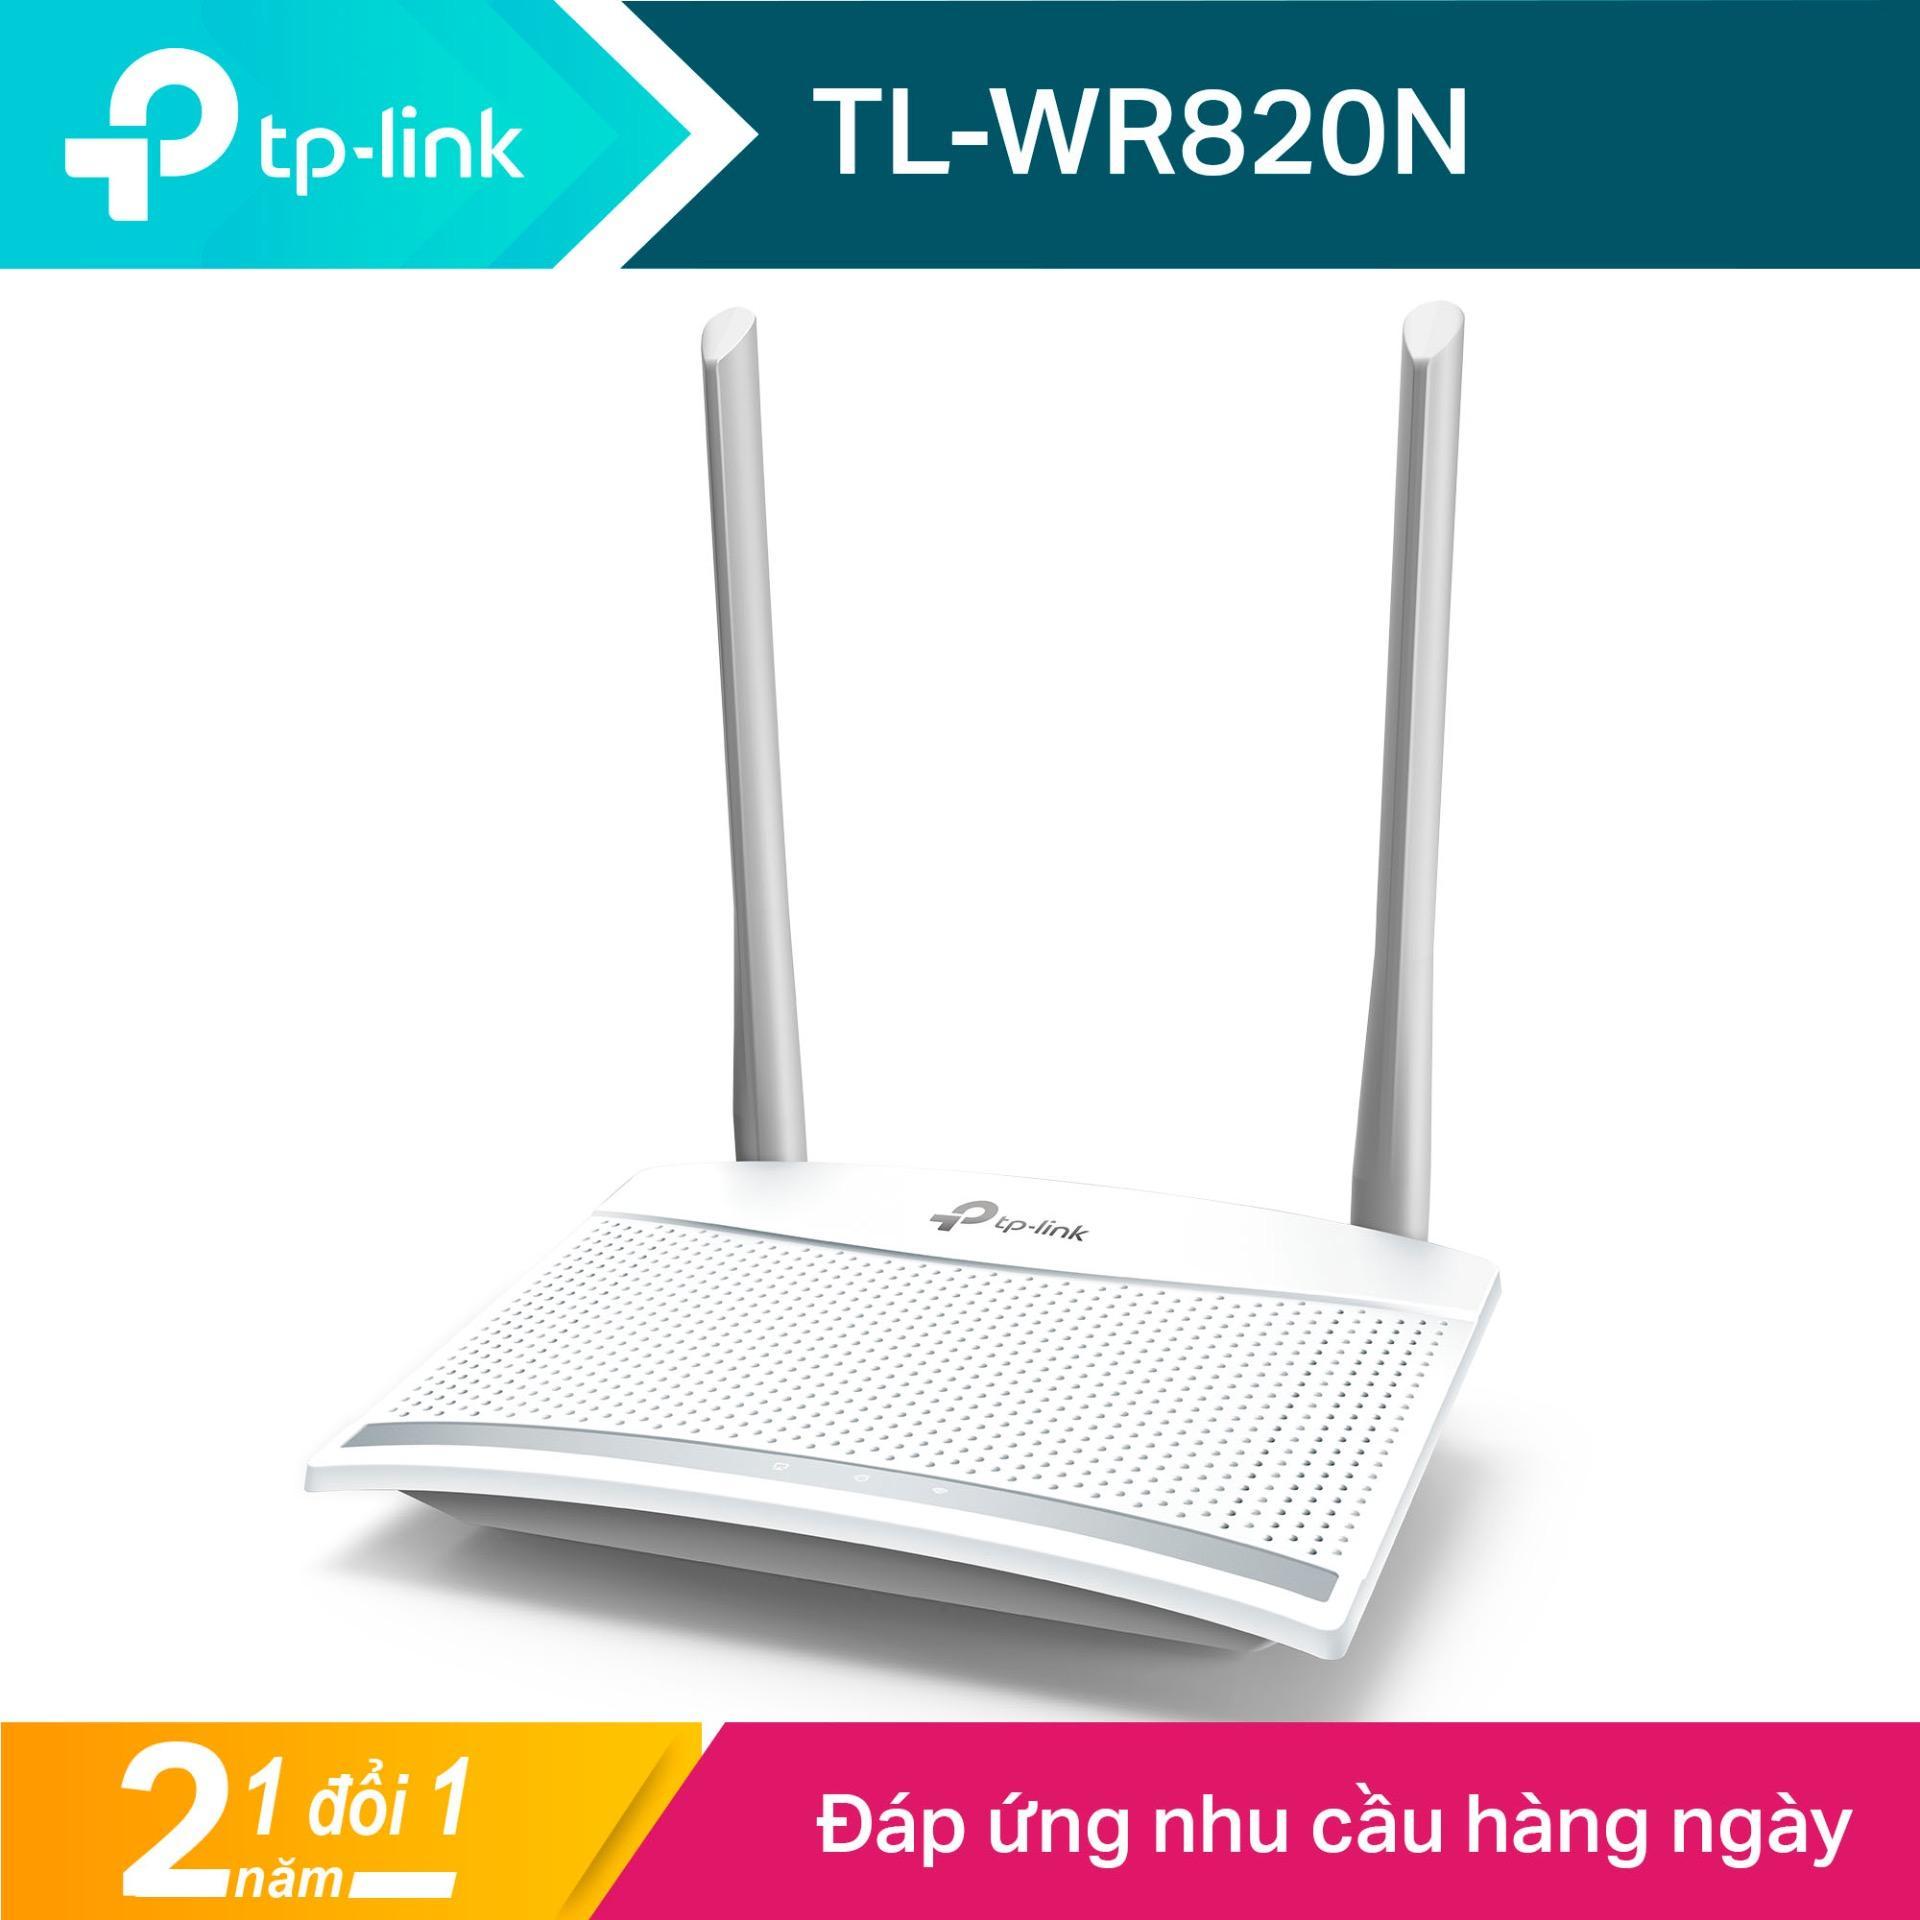 TP-Link Máy Phát Wifi Chuẩn N tốc độ 300 Mbps Có Thiết Kế Tản Nhiệt Độc Đáo TL-WR820N - Hãng...